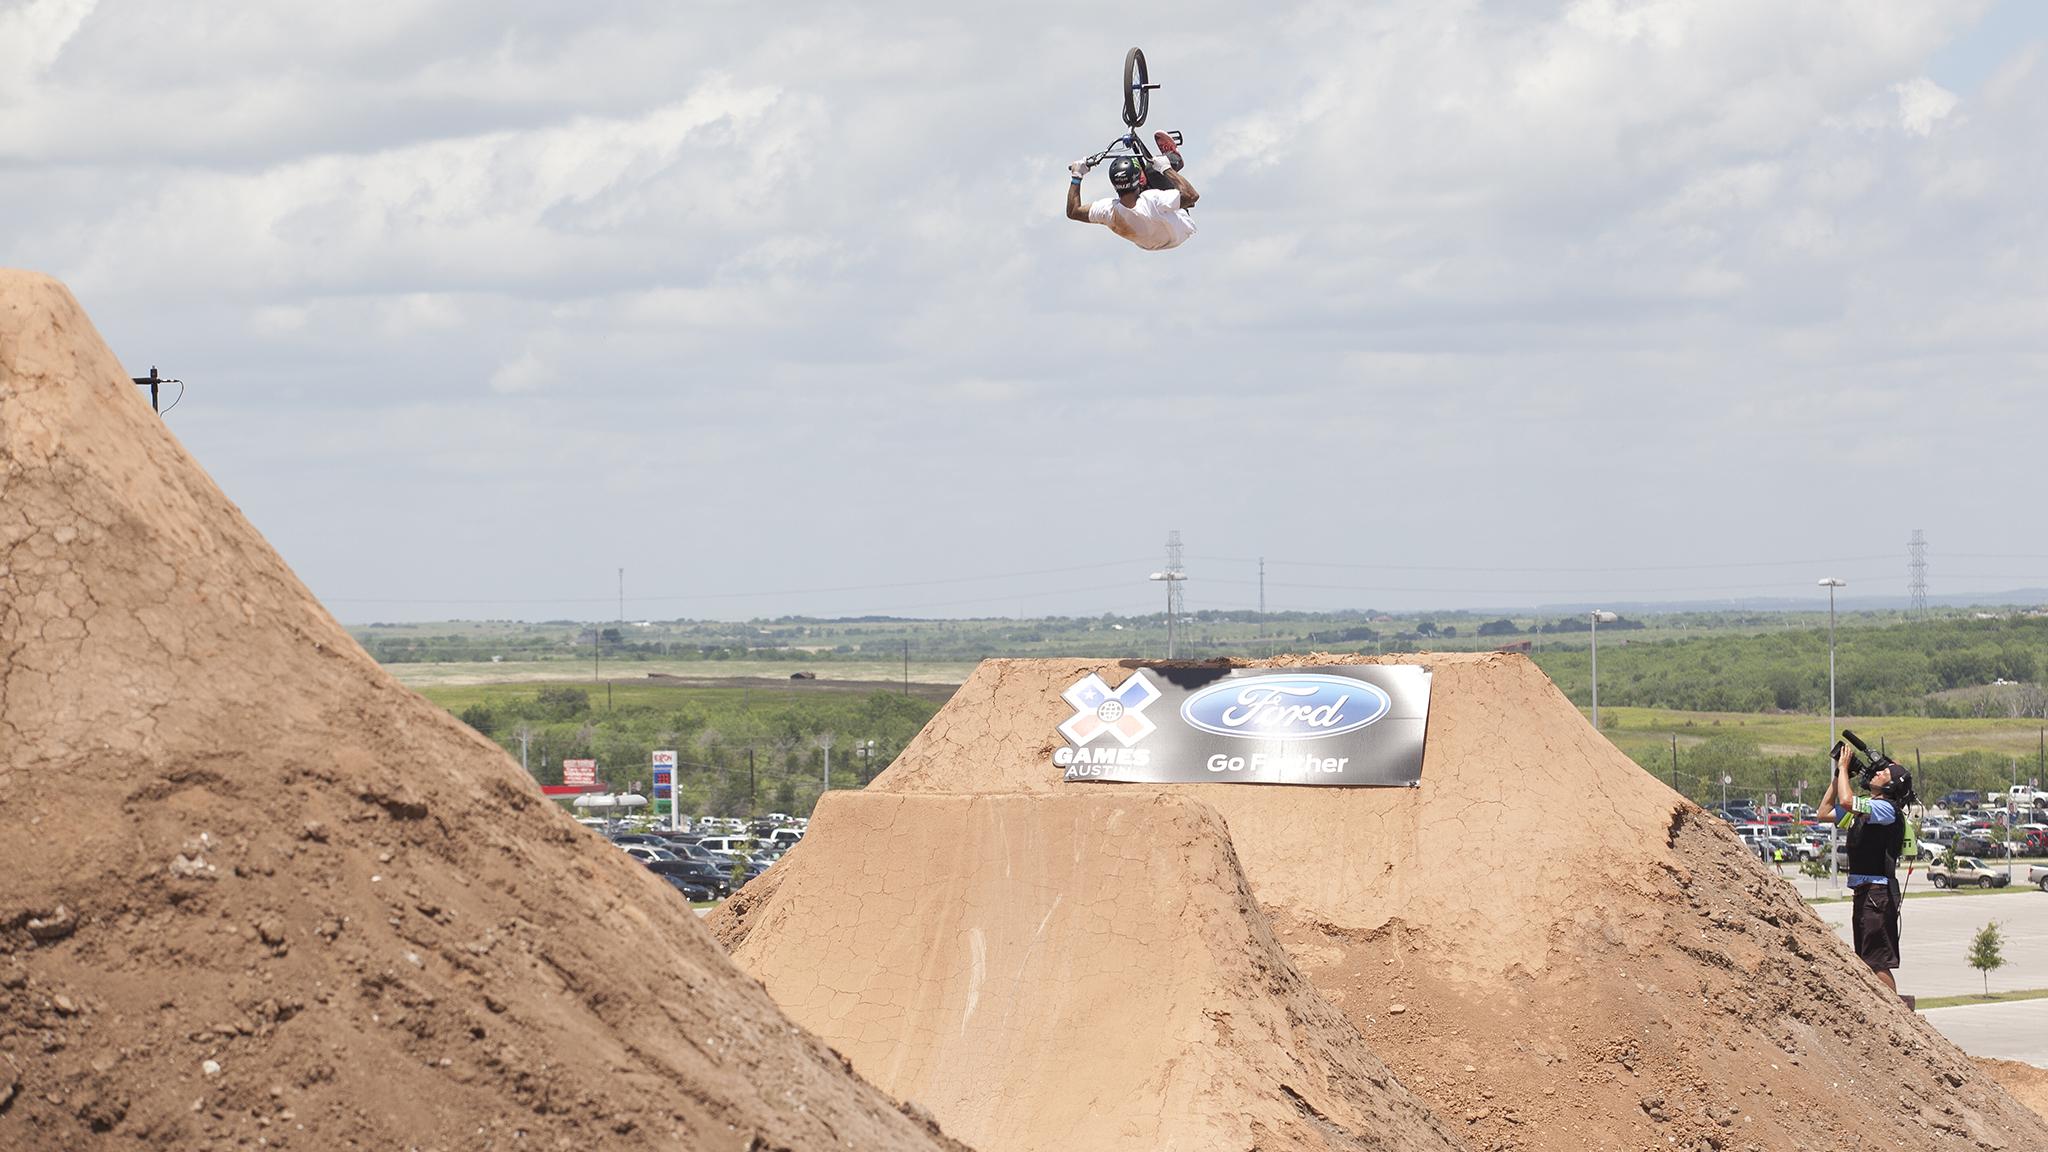 BMX Dirt -- Kyle Baldock